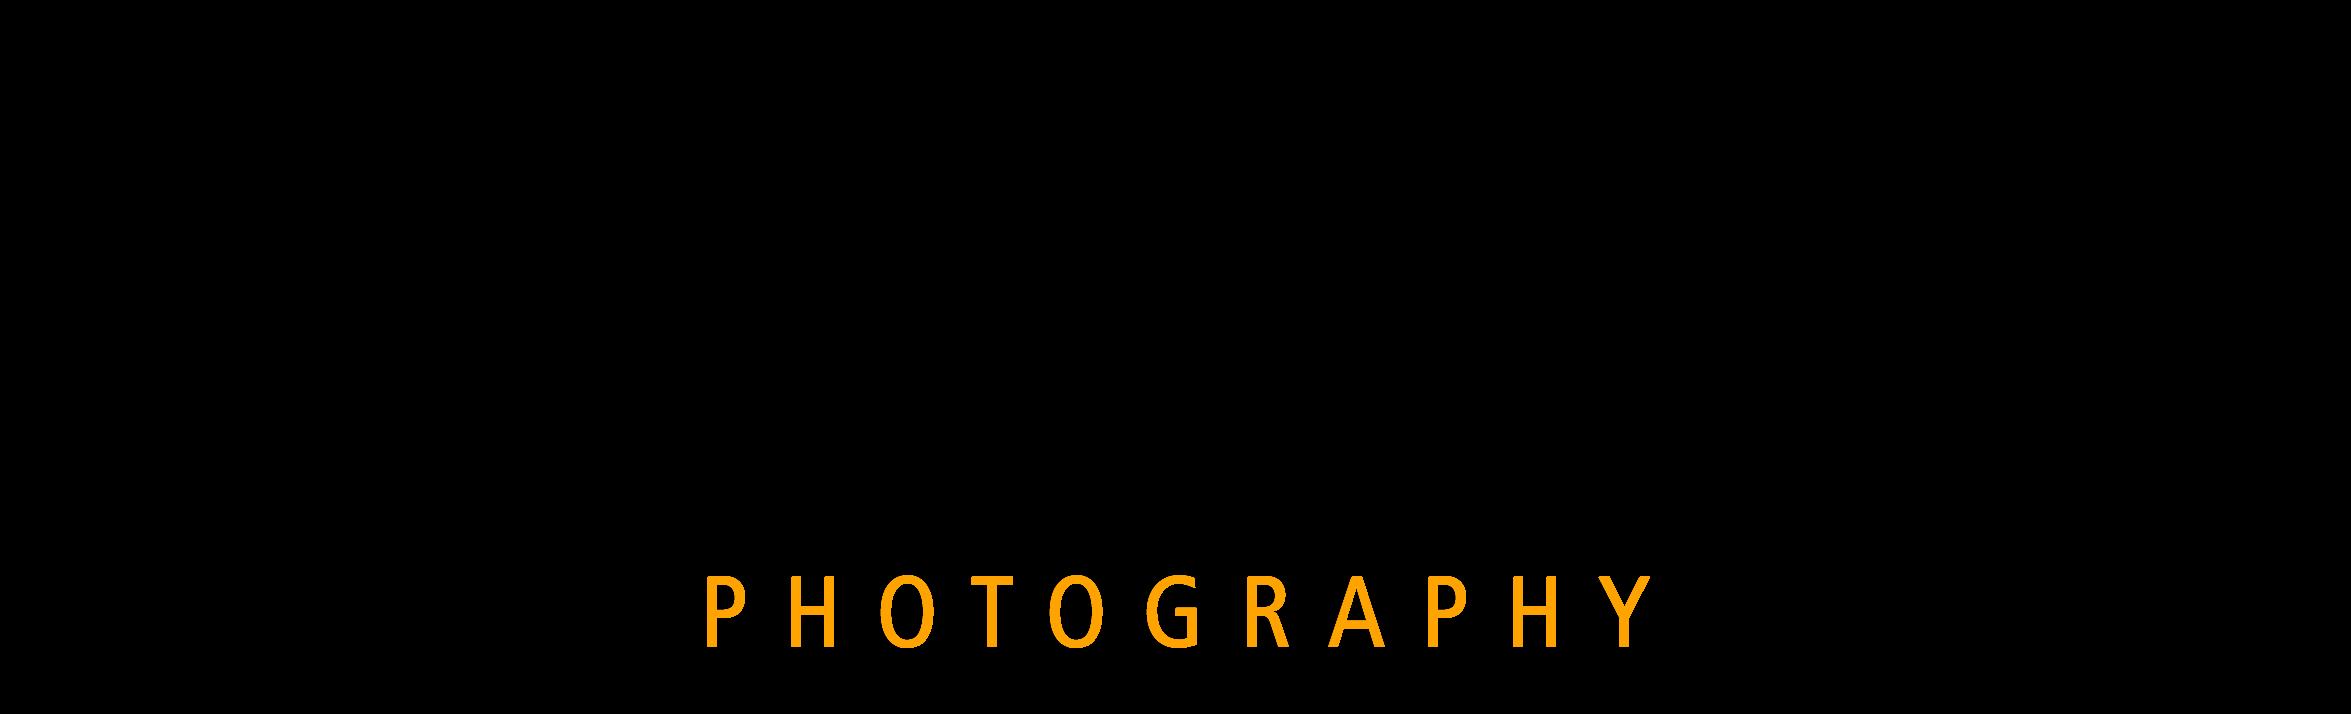 Eric de Wit Photography